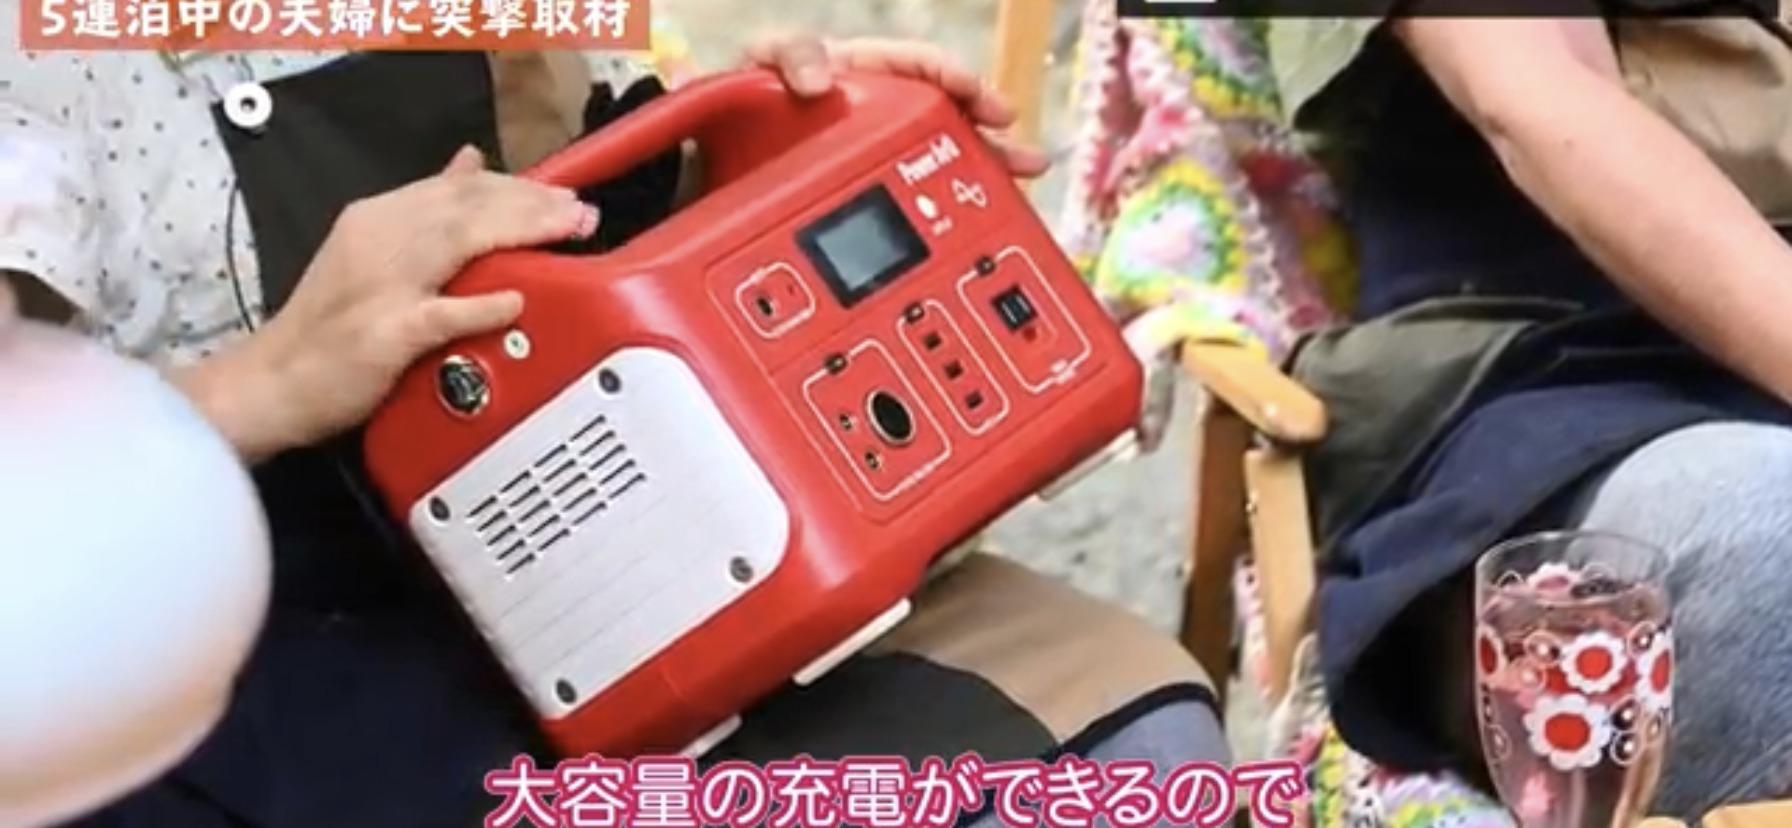 【パワーアーク( powerarq )】ポータブル電源 大容量